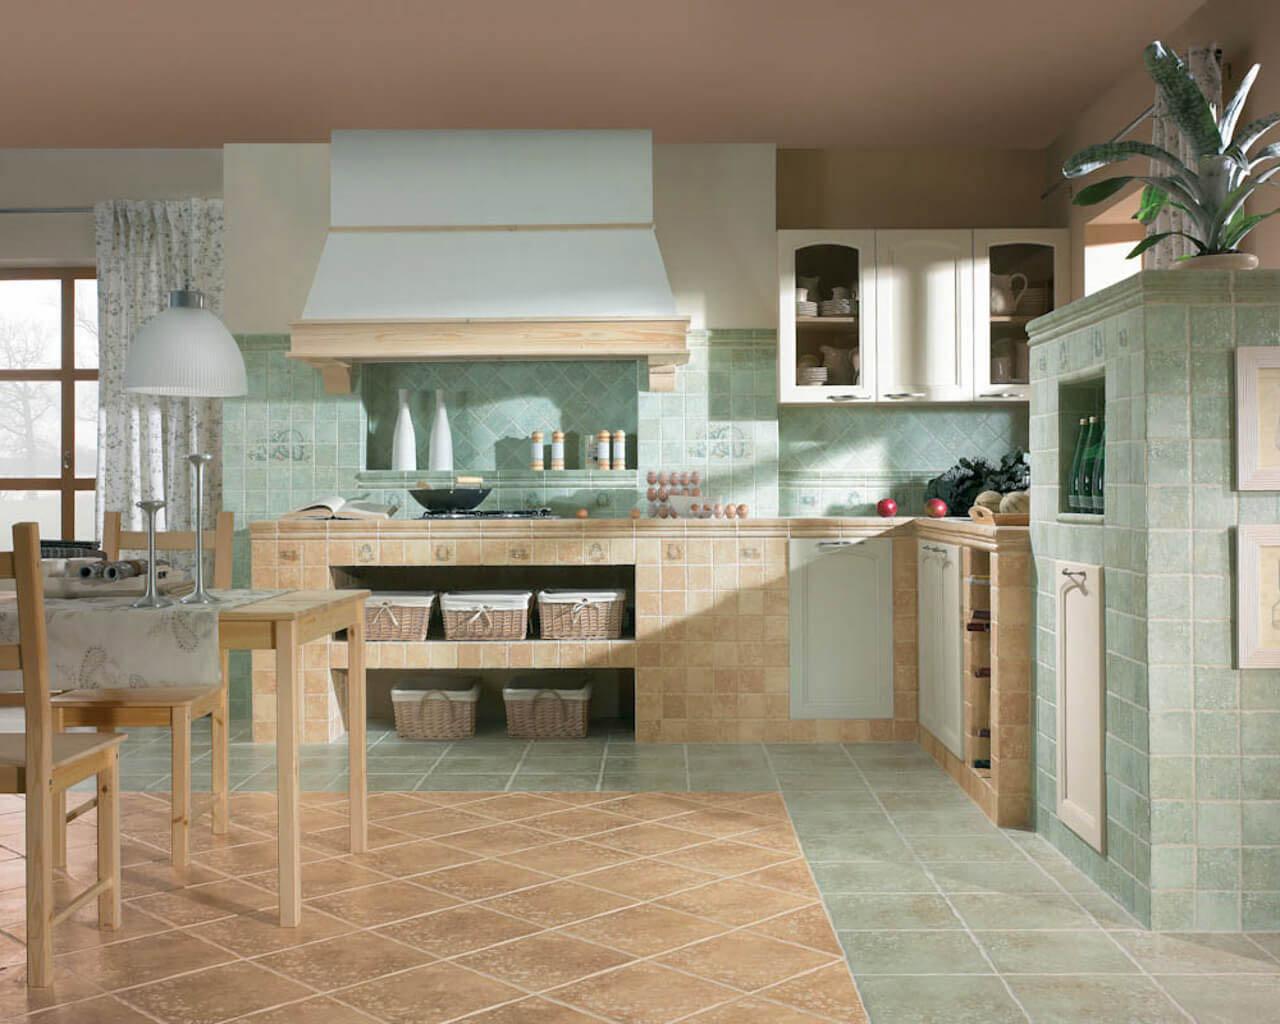 Przytulna, zielono-beżowa kuchnia w stylu vintage